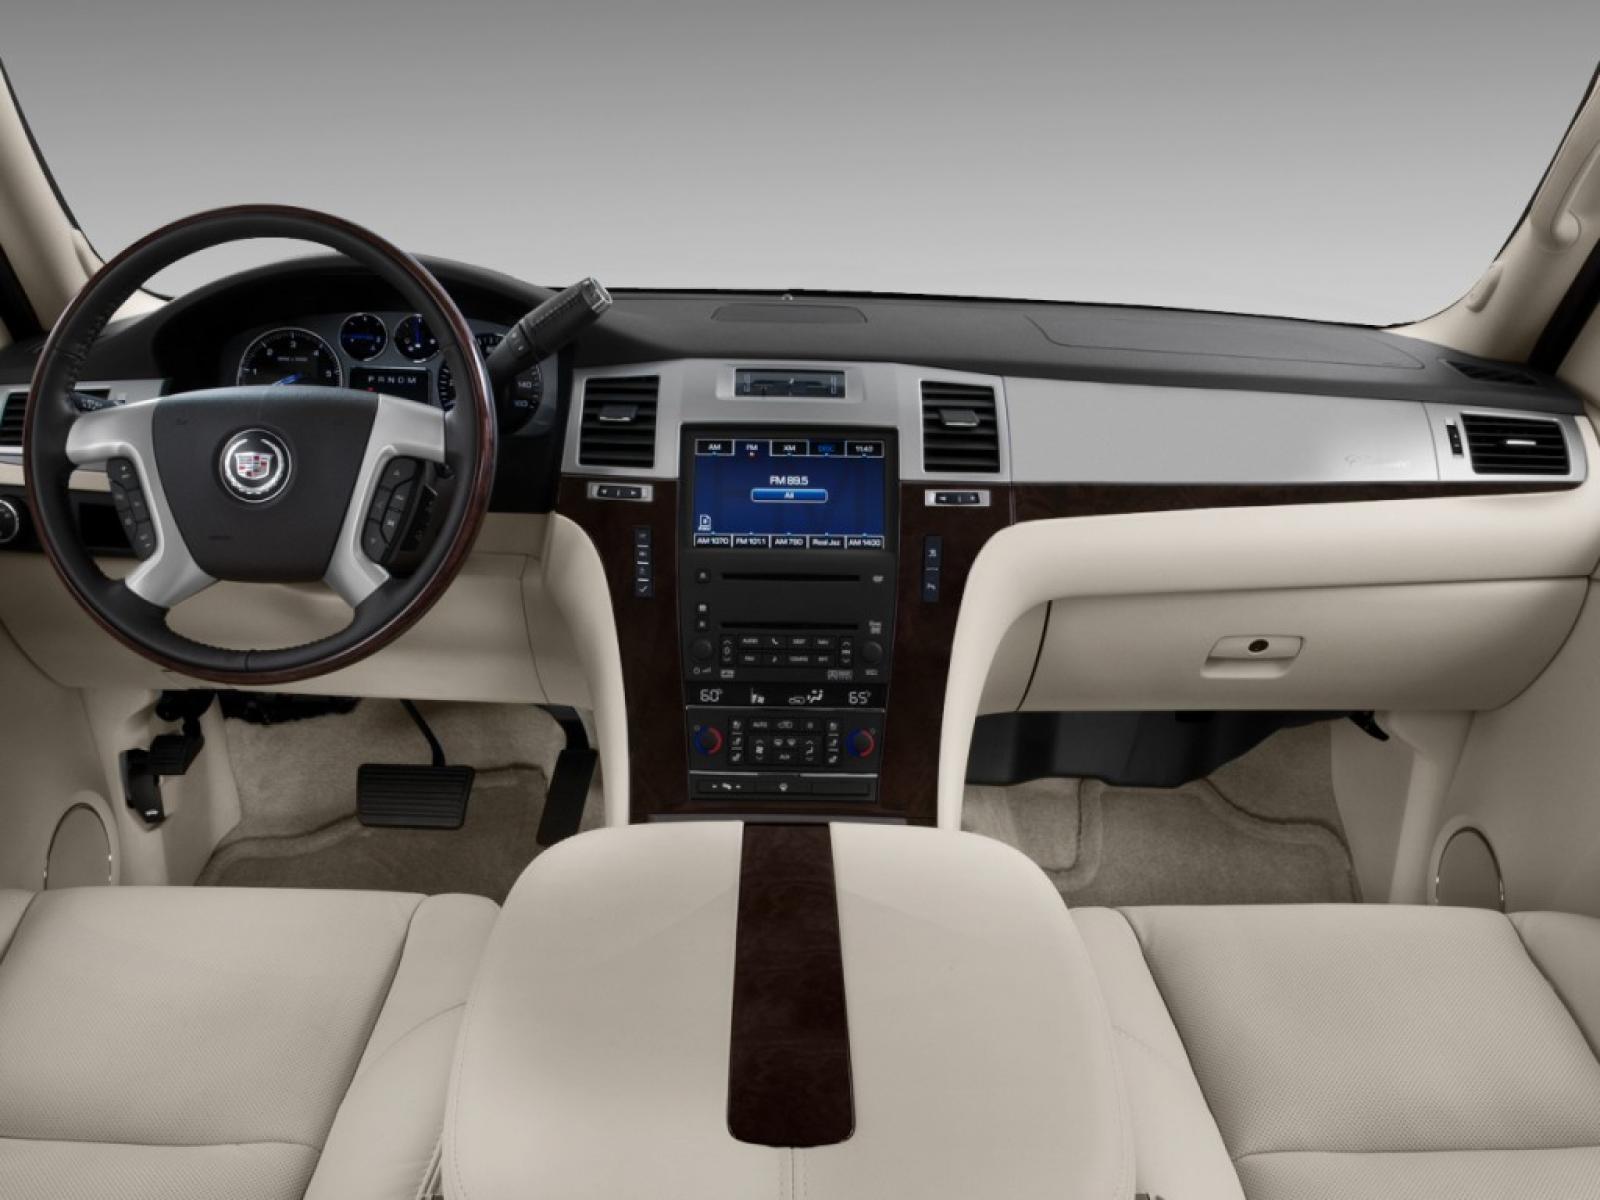 2011 Cadillac Escalade Information And Photos Zombiedrive